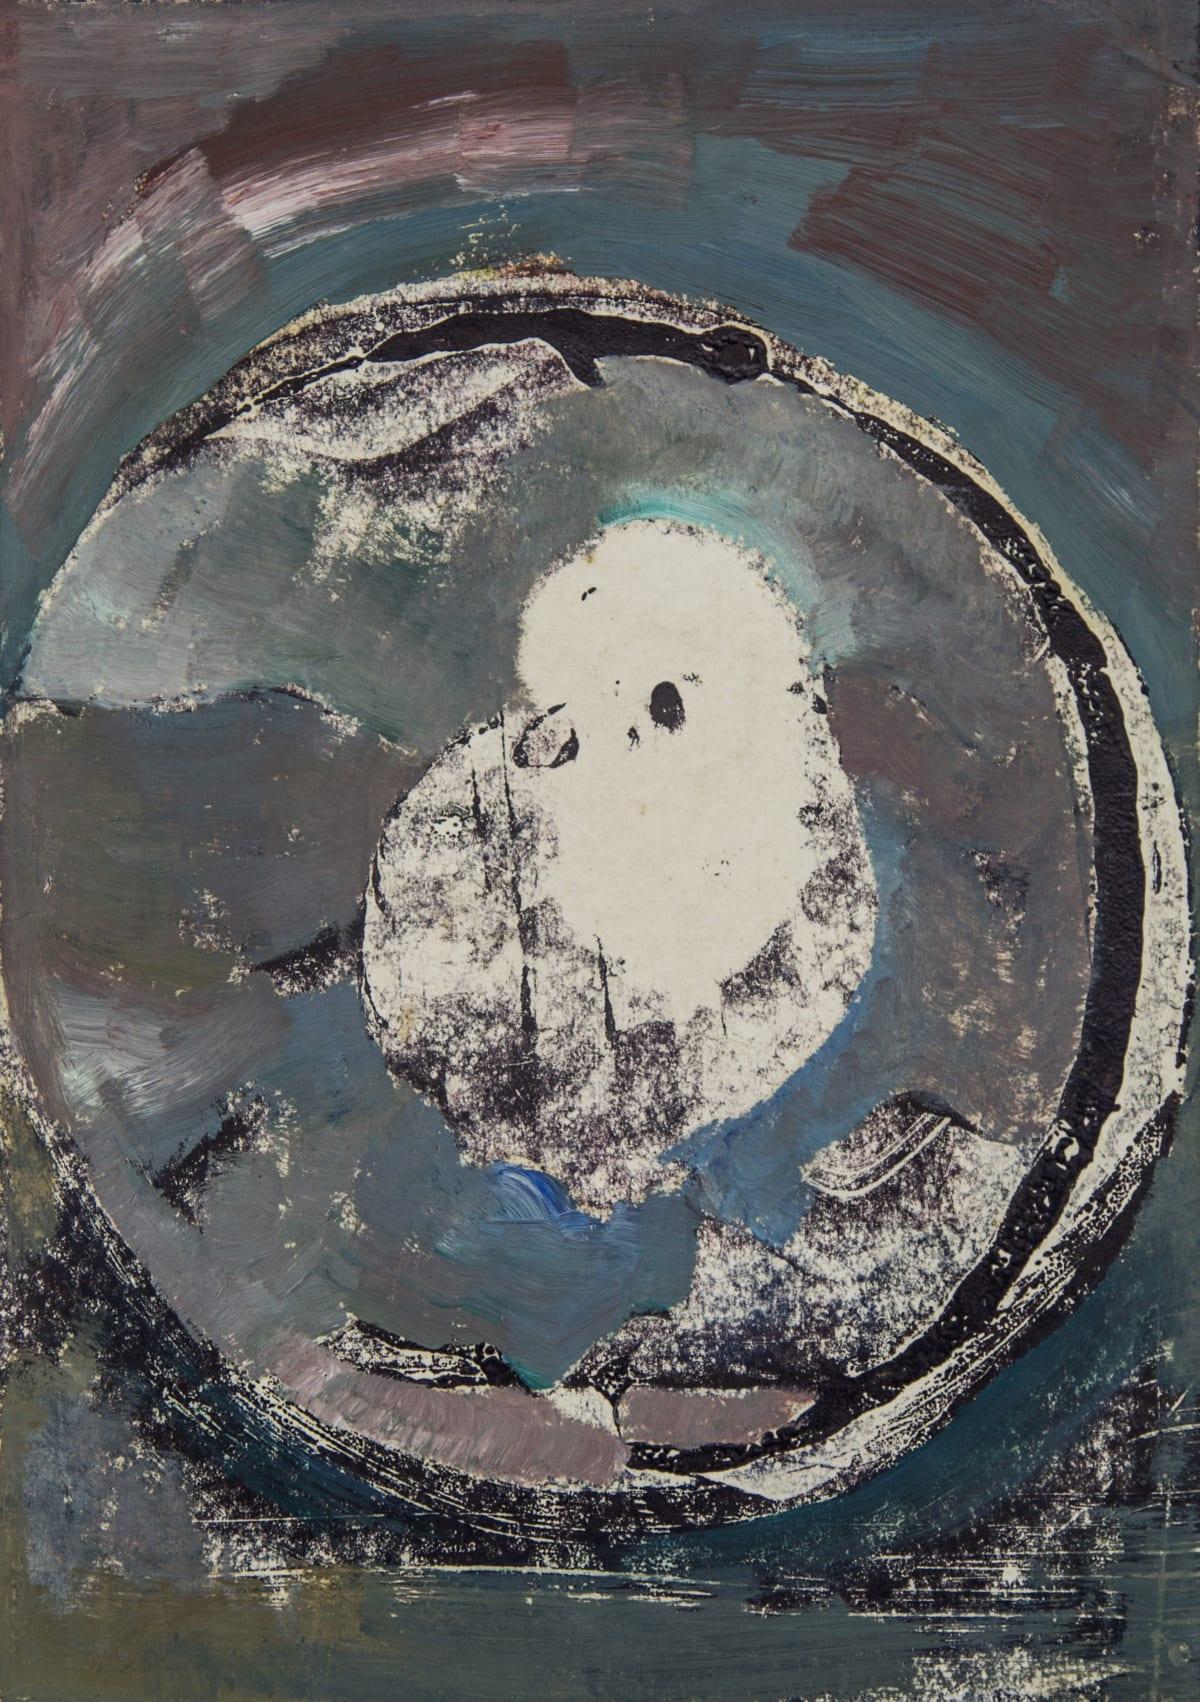 Mulugeta Kassa, Untitled I, 2012